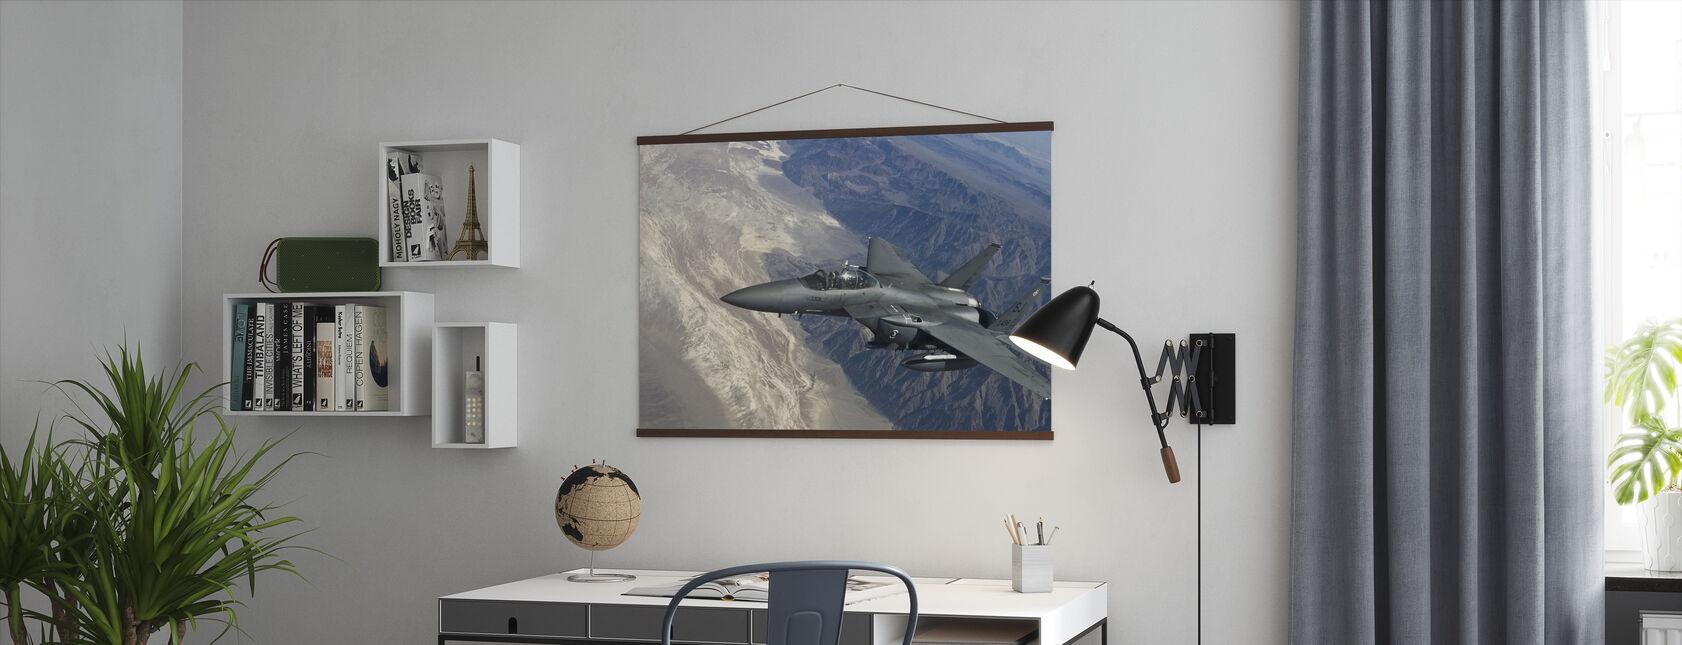 Luftbårne Fighter Jet - Plakat - Kontor